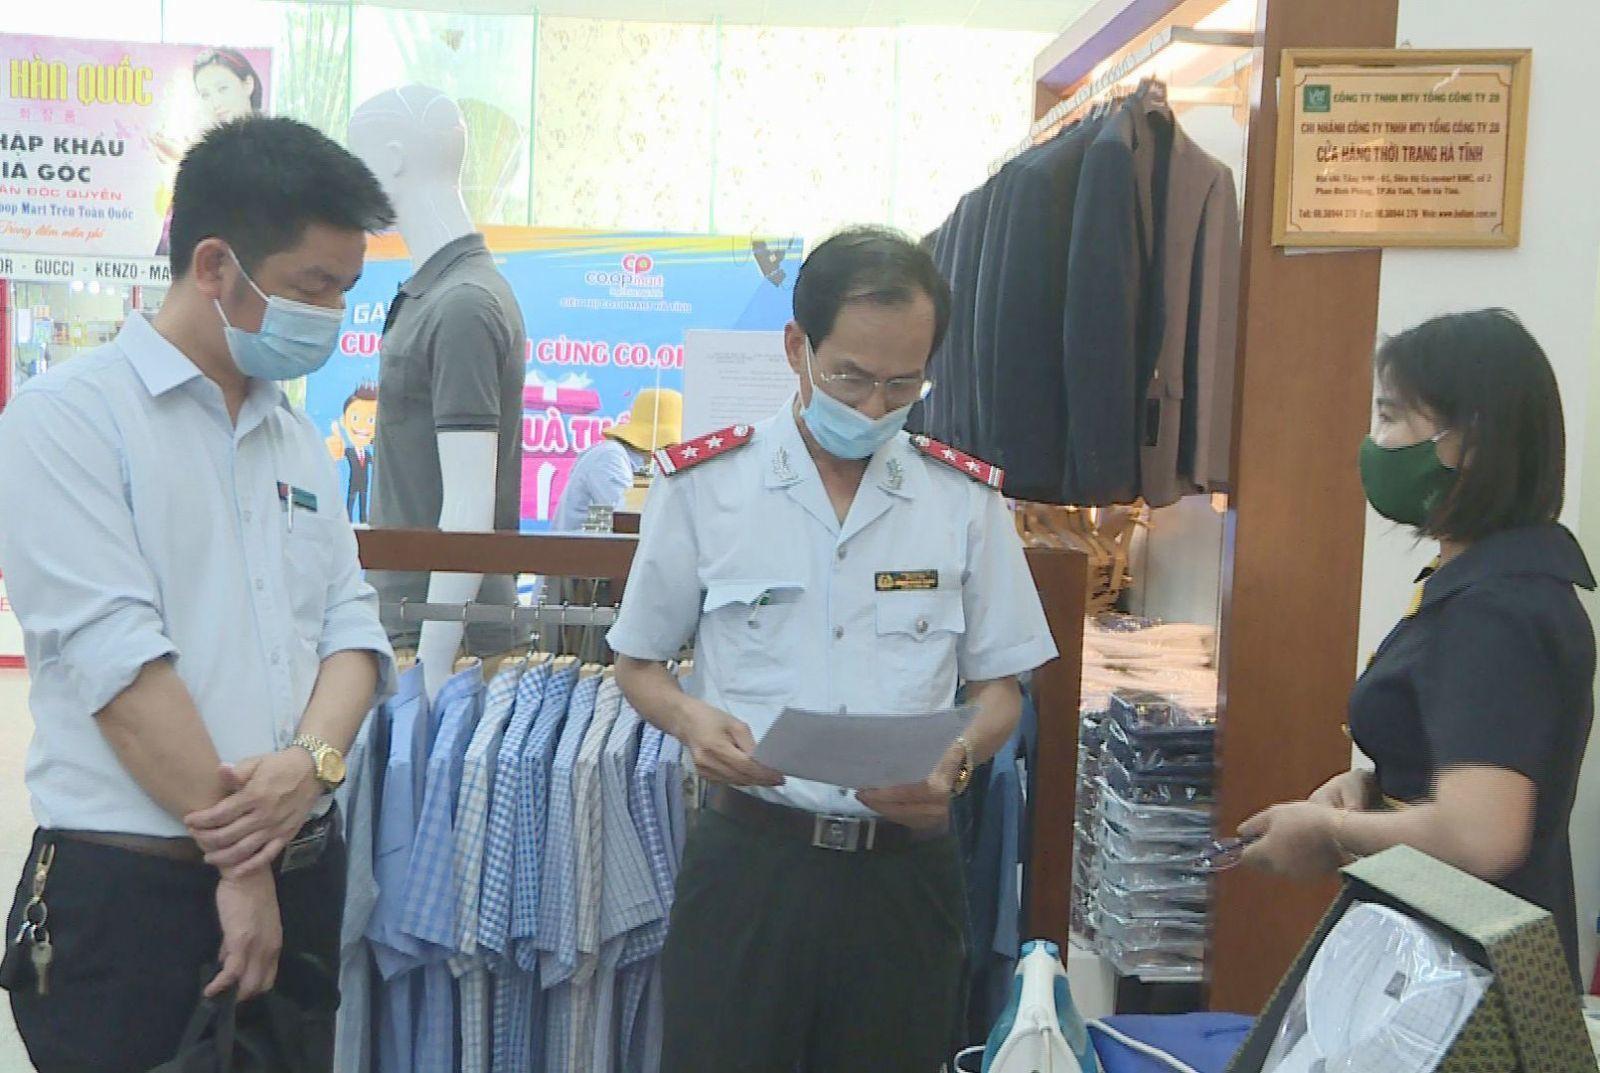 Hà Tĩnh xử phạt người đến nơi công cộng không đeo khẩu trang